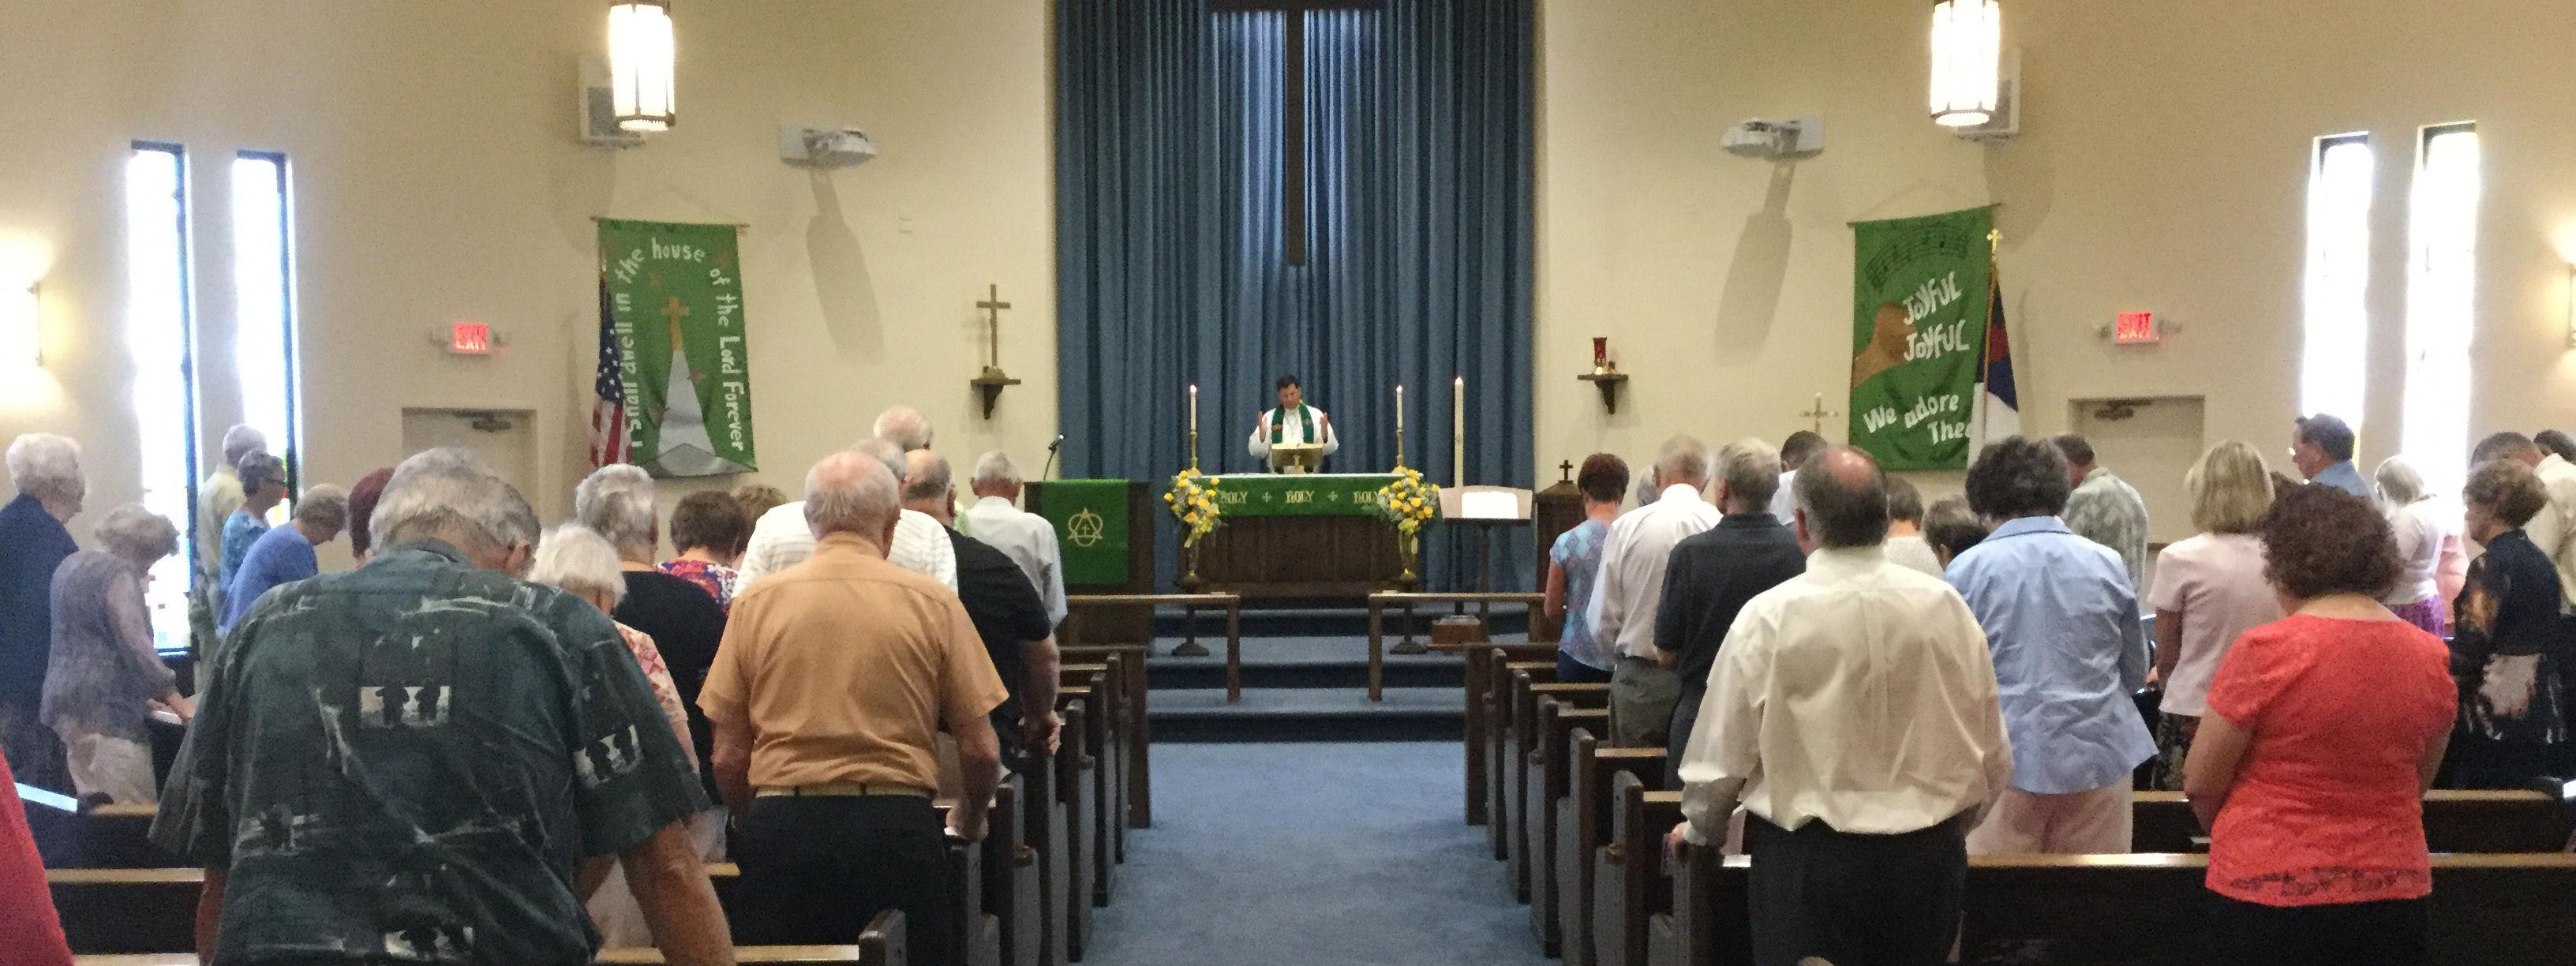 Congregation-worship